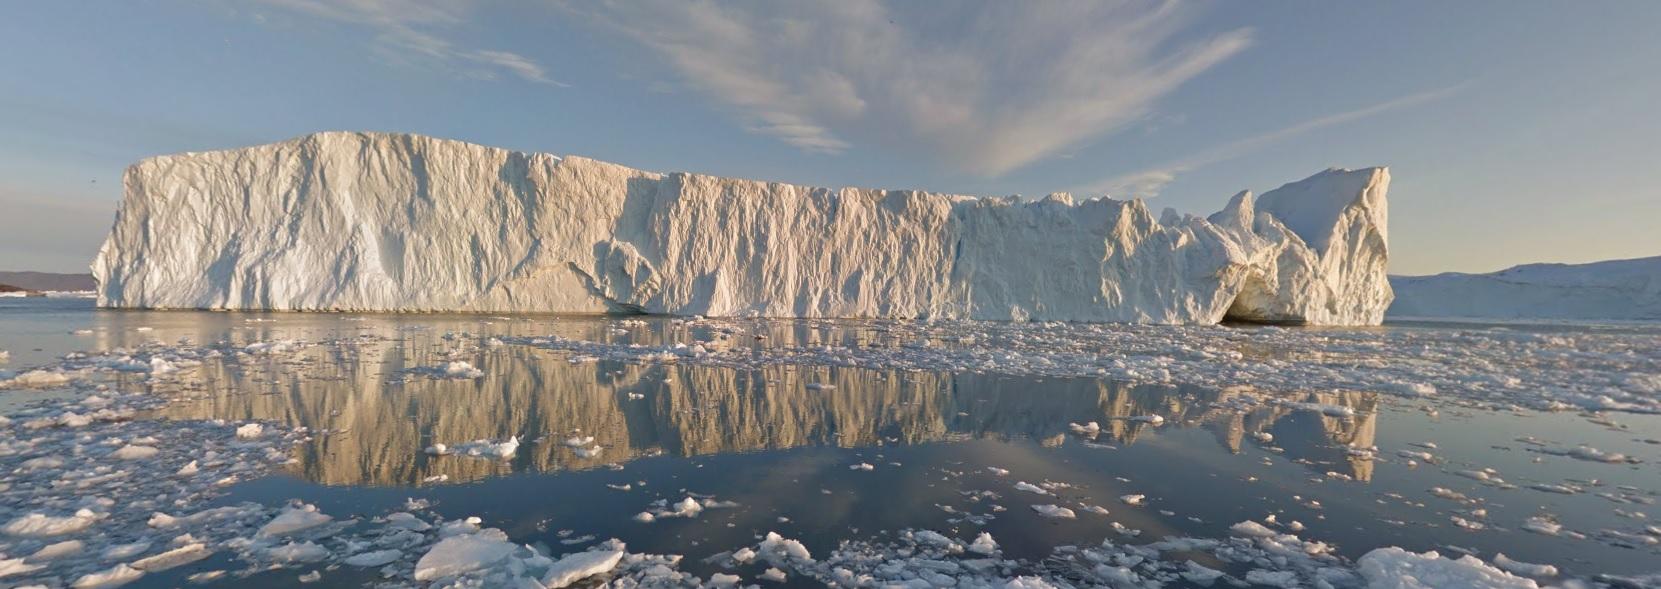 El fiordo de Ilulissat en la costa de Groenlandia.